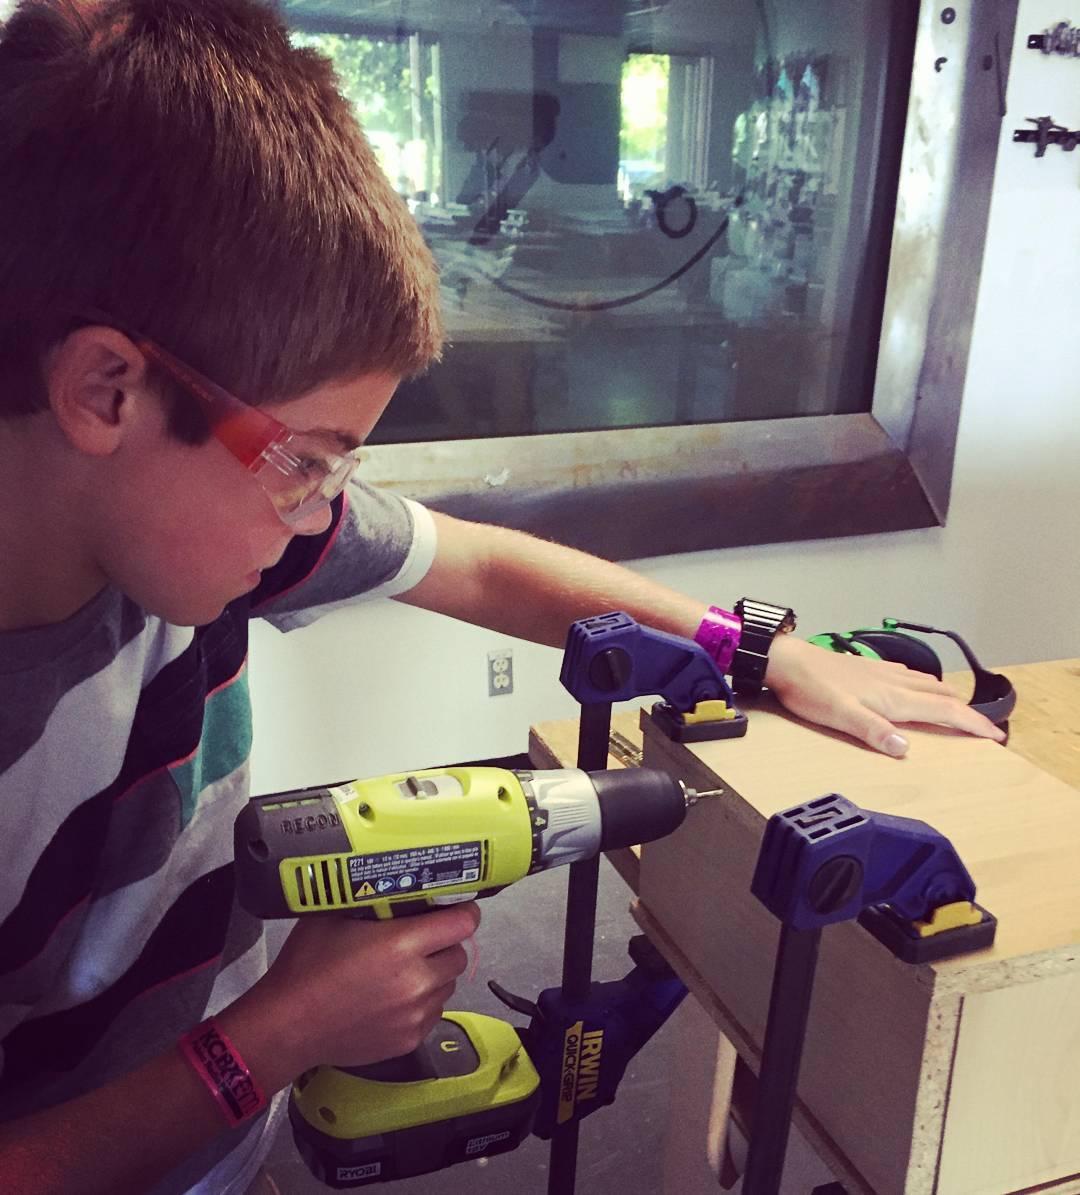 Літні дитячі табори 2017: металообробка, роботи, коптери, 3D-друк, програмування та все цікаве